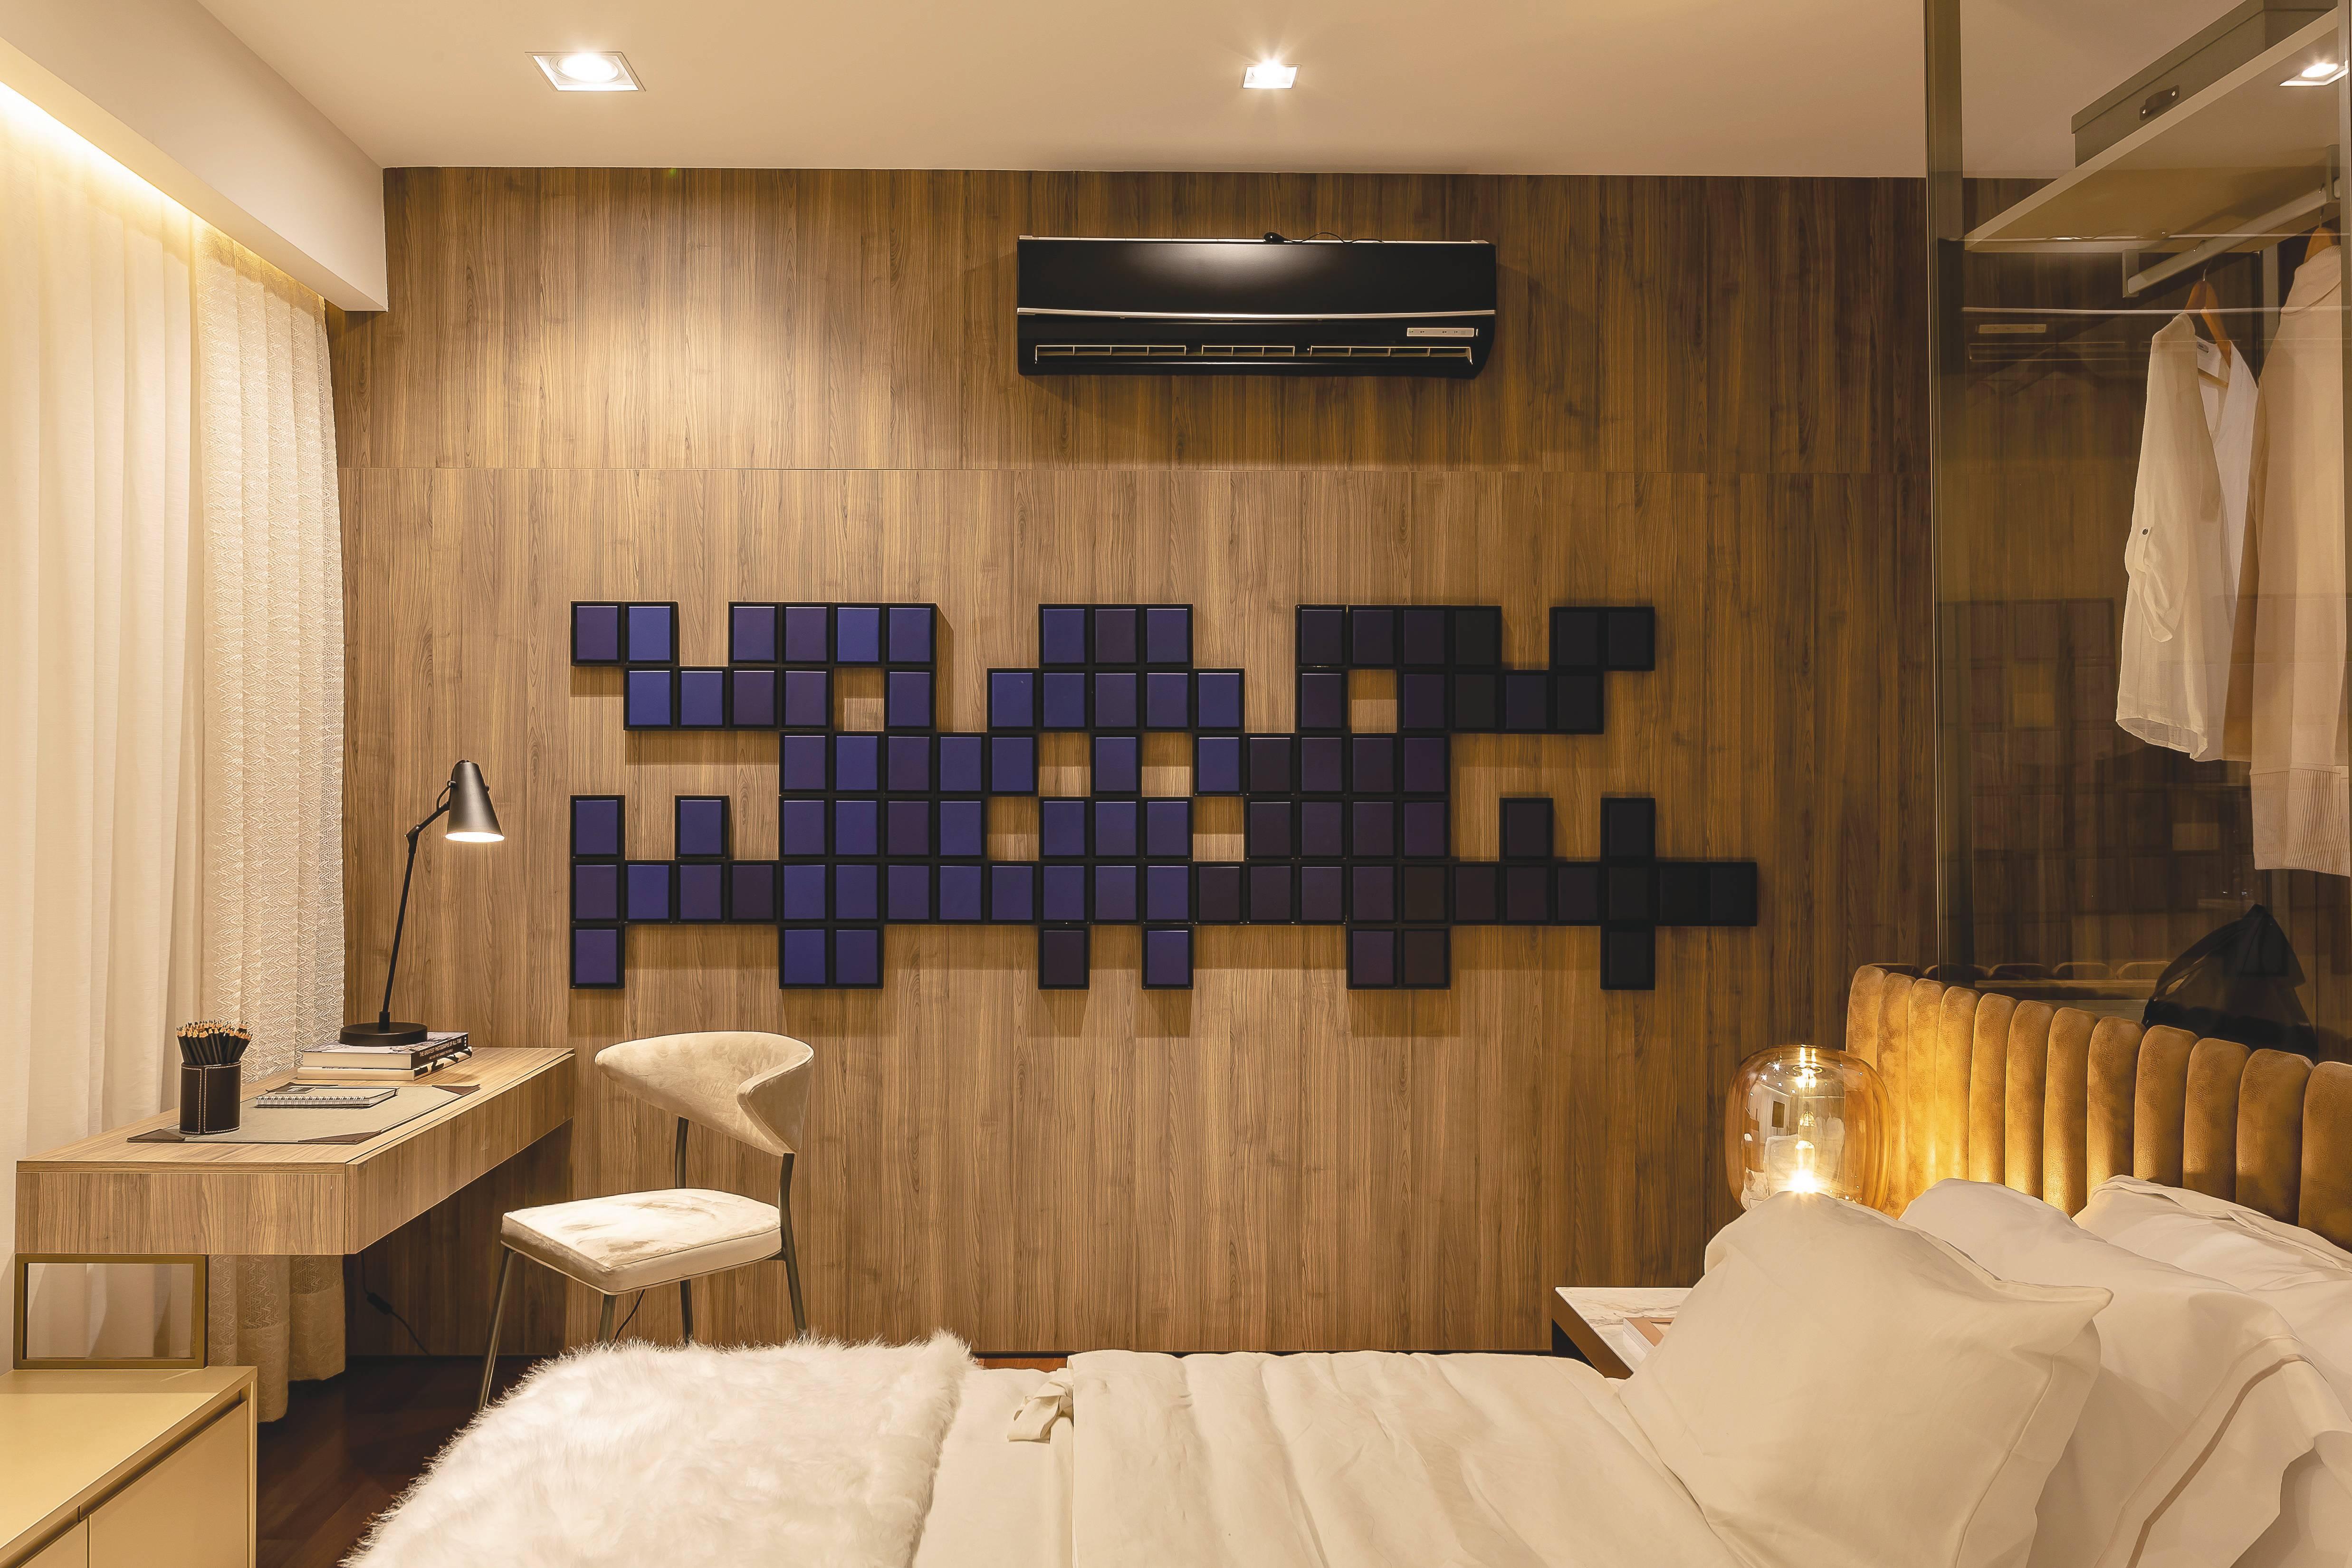 O quarto, além de um espaço de privacidade, tem sido um dos lugares adaptados para home office durante a pandemia.